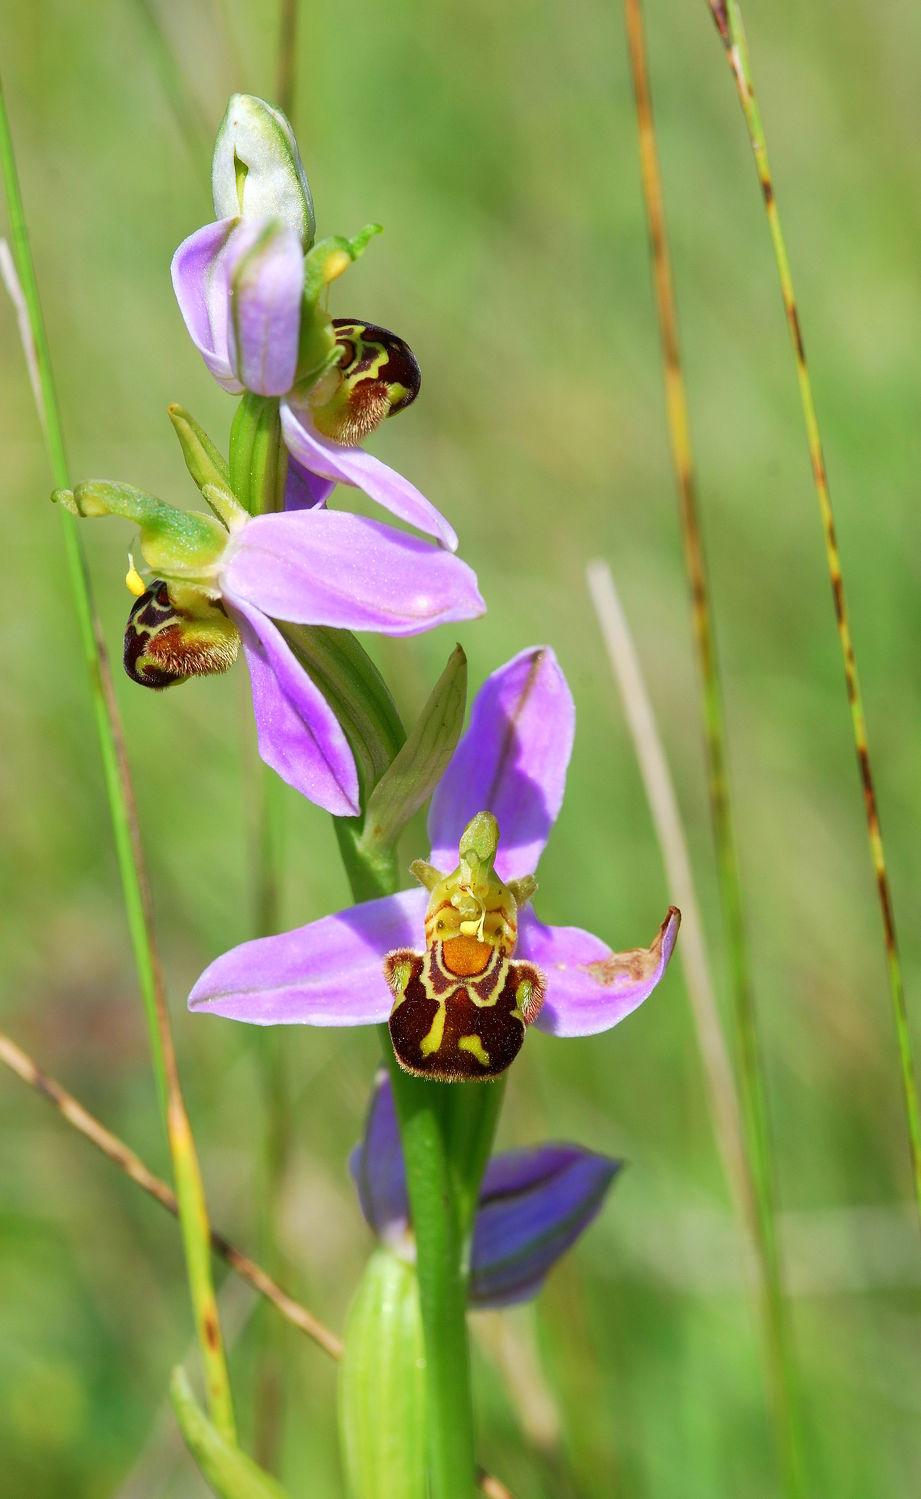 Bild mit Bienen, Orchideen, Orchidee, Wiese, Blütenreich, pink, zart, orchideenblüte, heimische orchidee, bienenragwurz, ragwurz, ragwurz